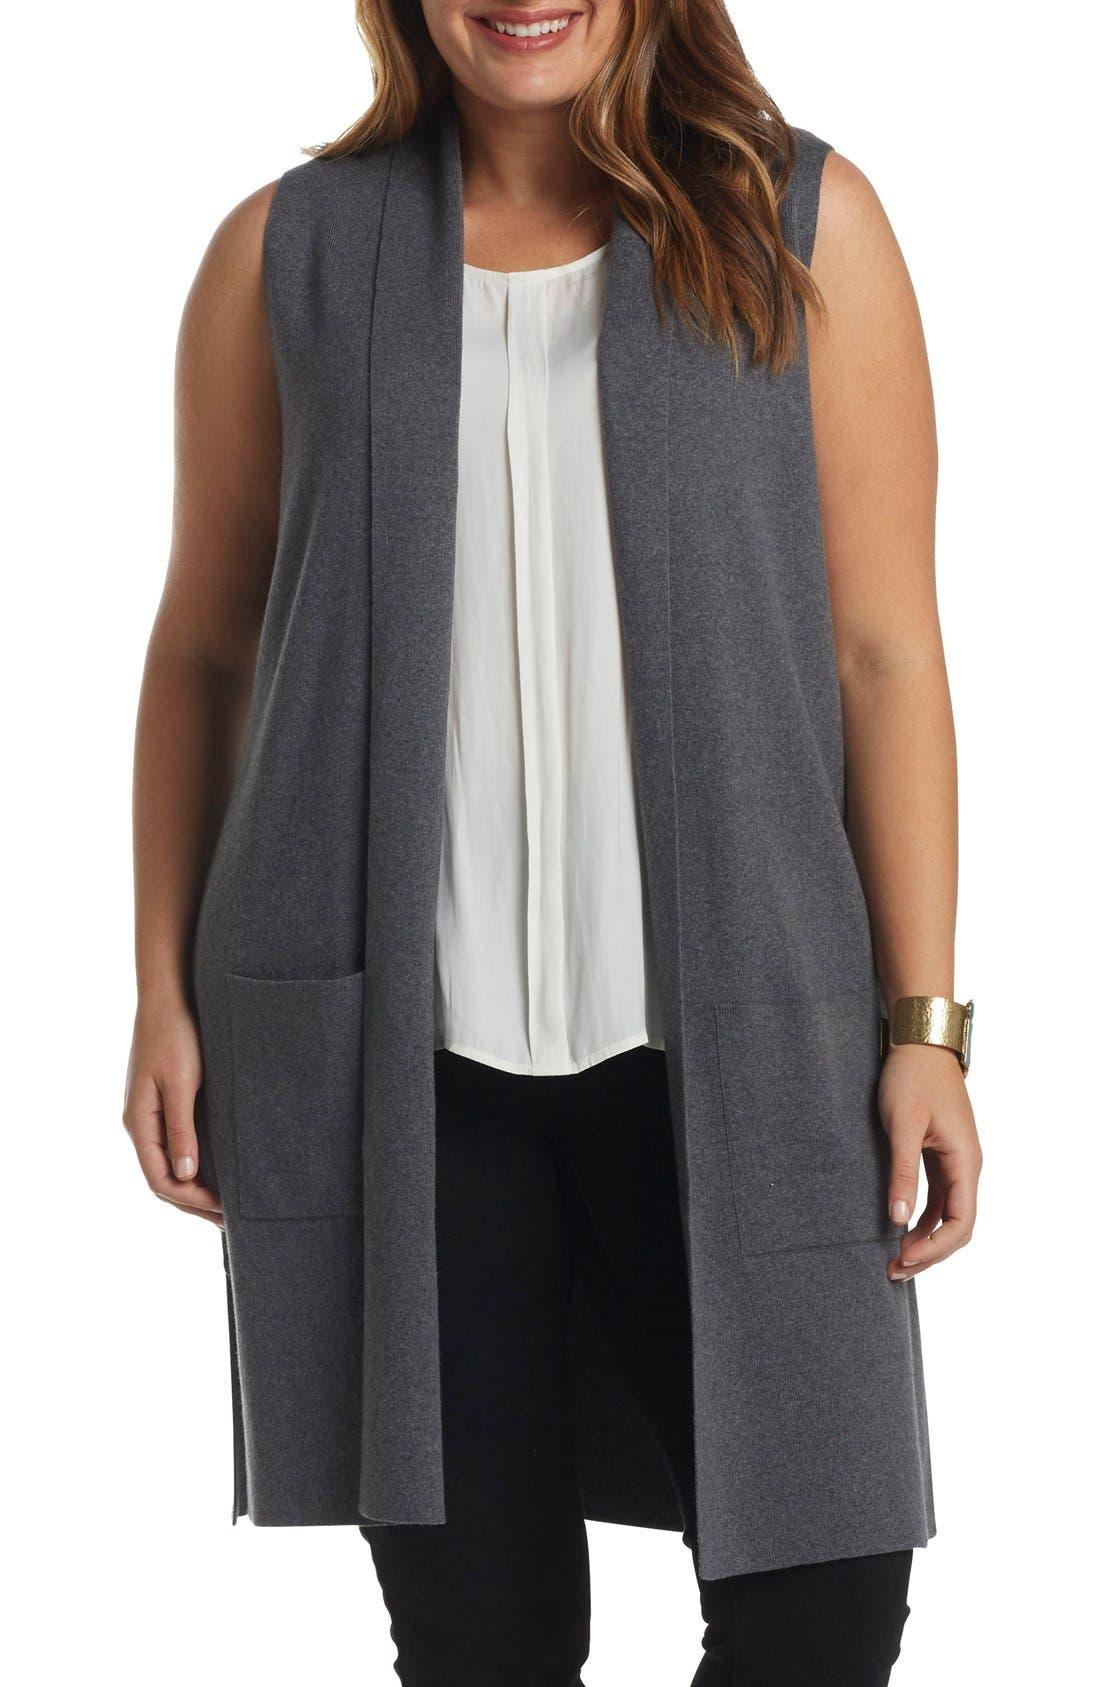 Main Image - Tart Melva Cotton & Cashmere Open Front Sweater Vest (Plus Size)